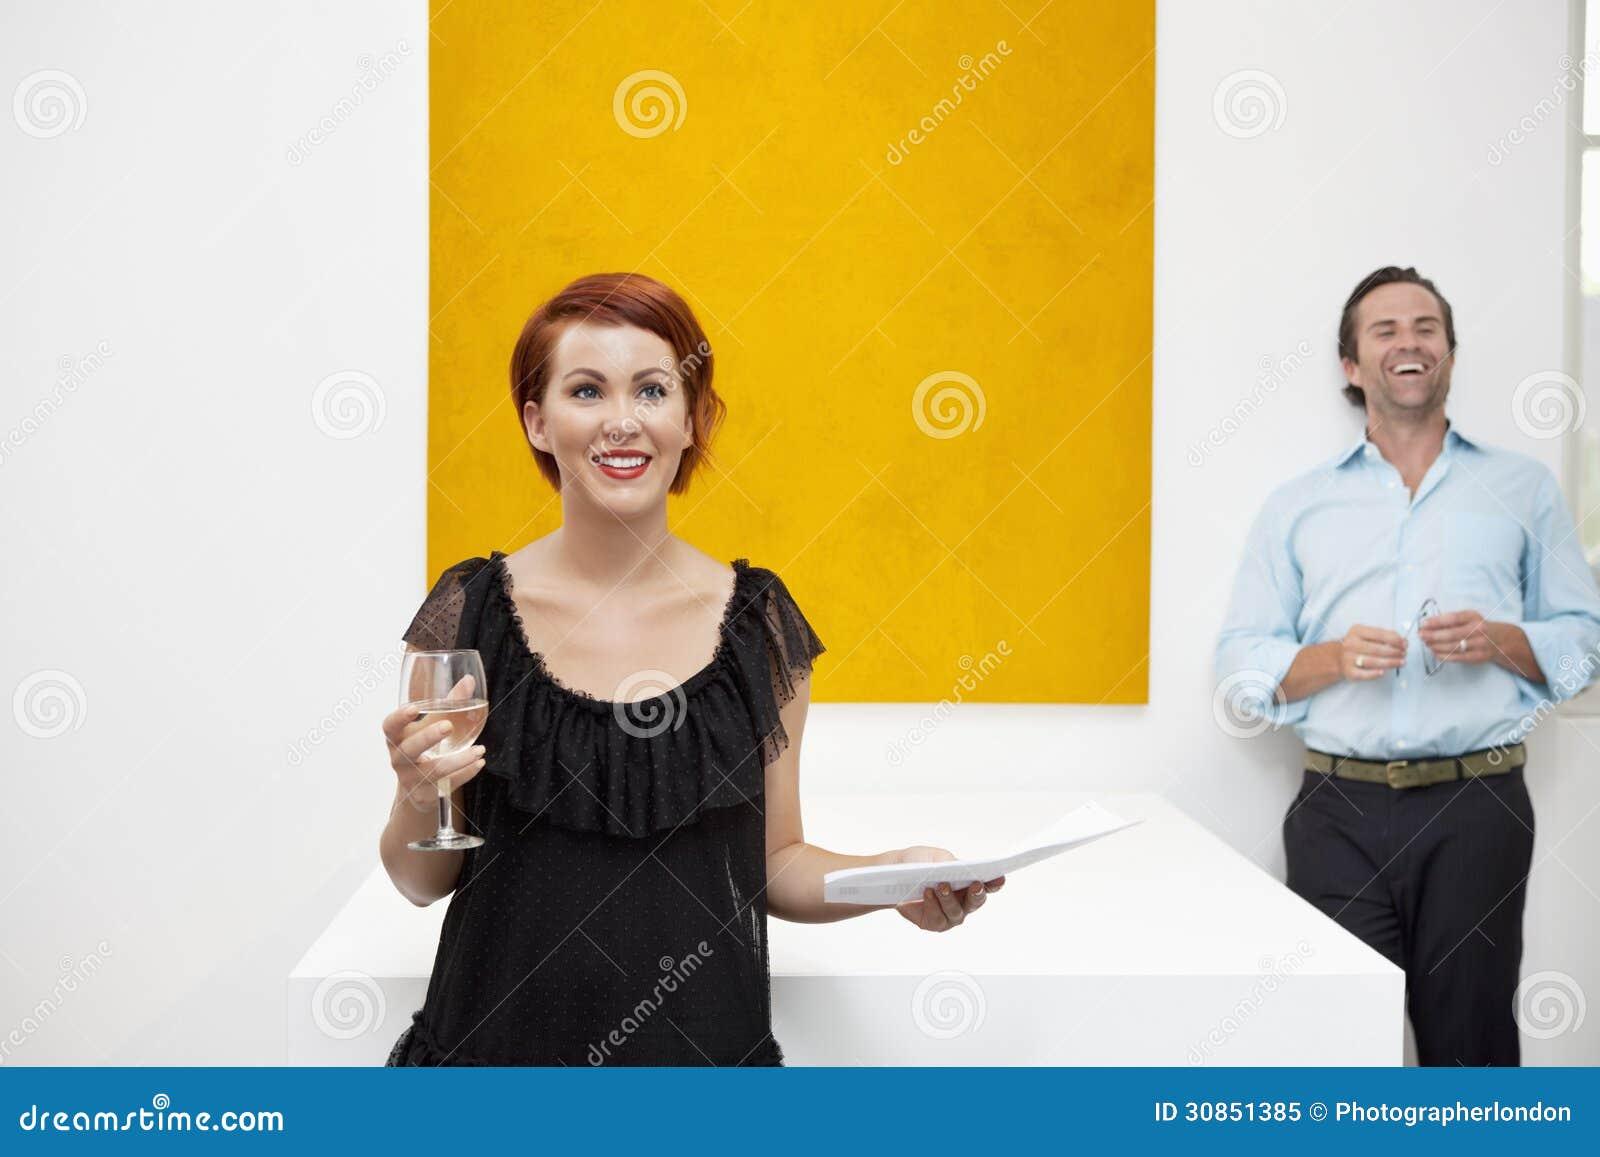 Nette Frau, Die Vor Gelber Malerei Mit Mann Im Hintergrund